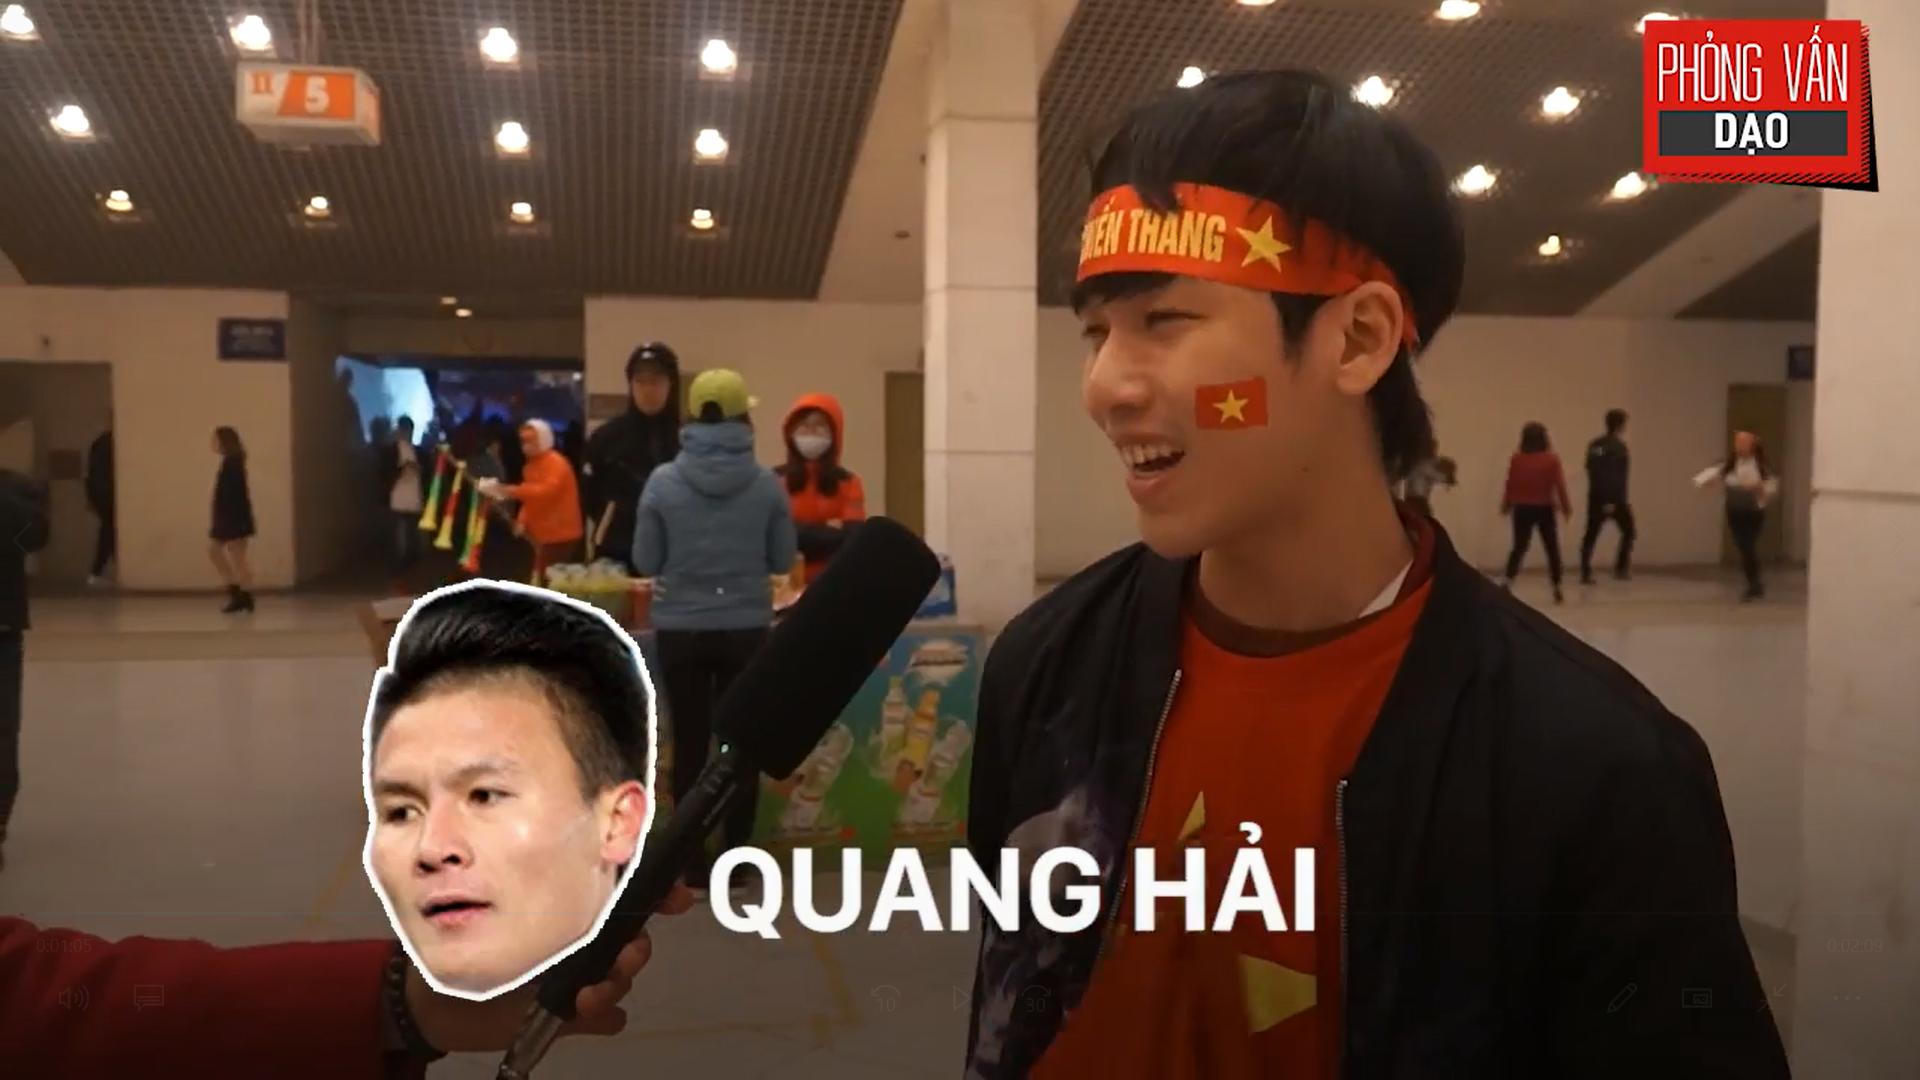 Phỏng vấn dạo: Cảm xúc của người hâm mộ khi đón U23 Việt Nam trở về trong vòng tay - Ảnh 8.